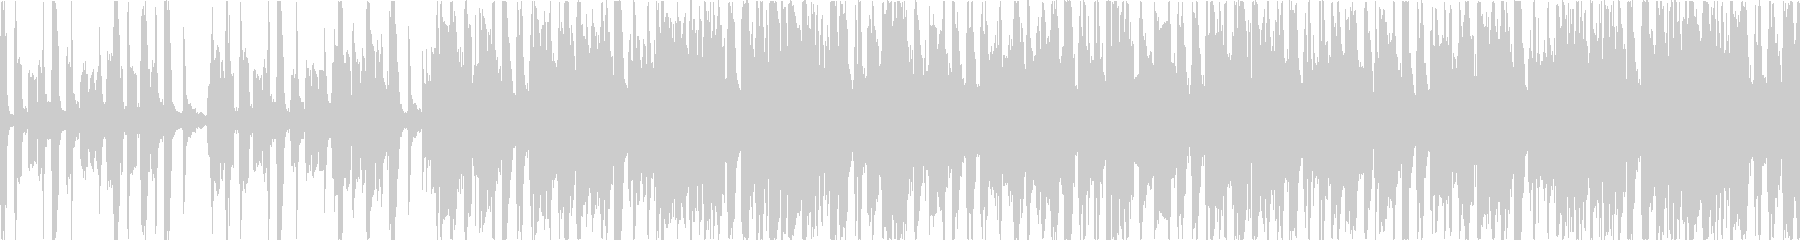 軽快なアコーディオンのカフェミュージックの未再生の波形